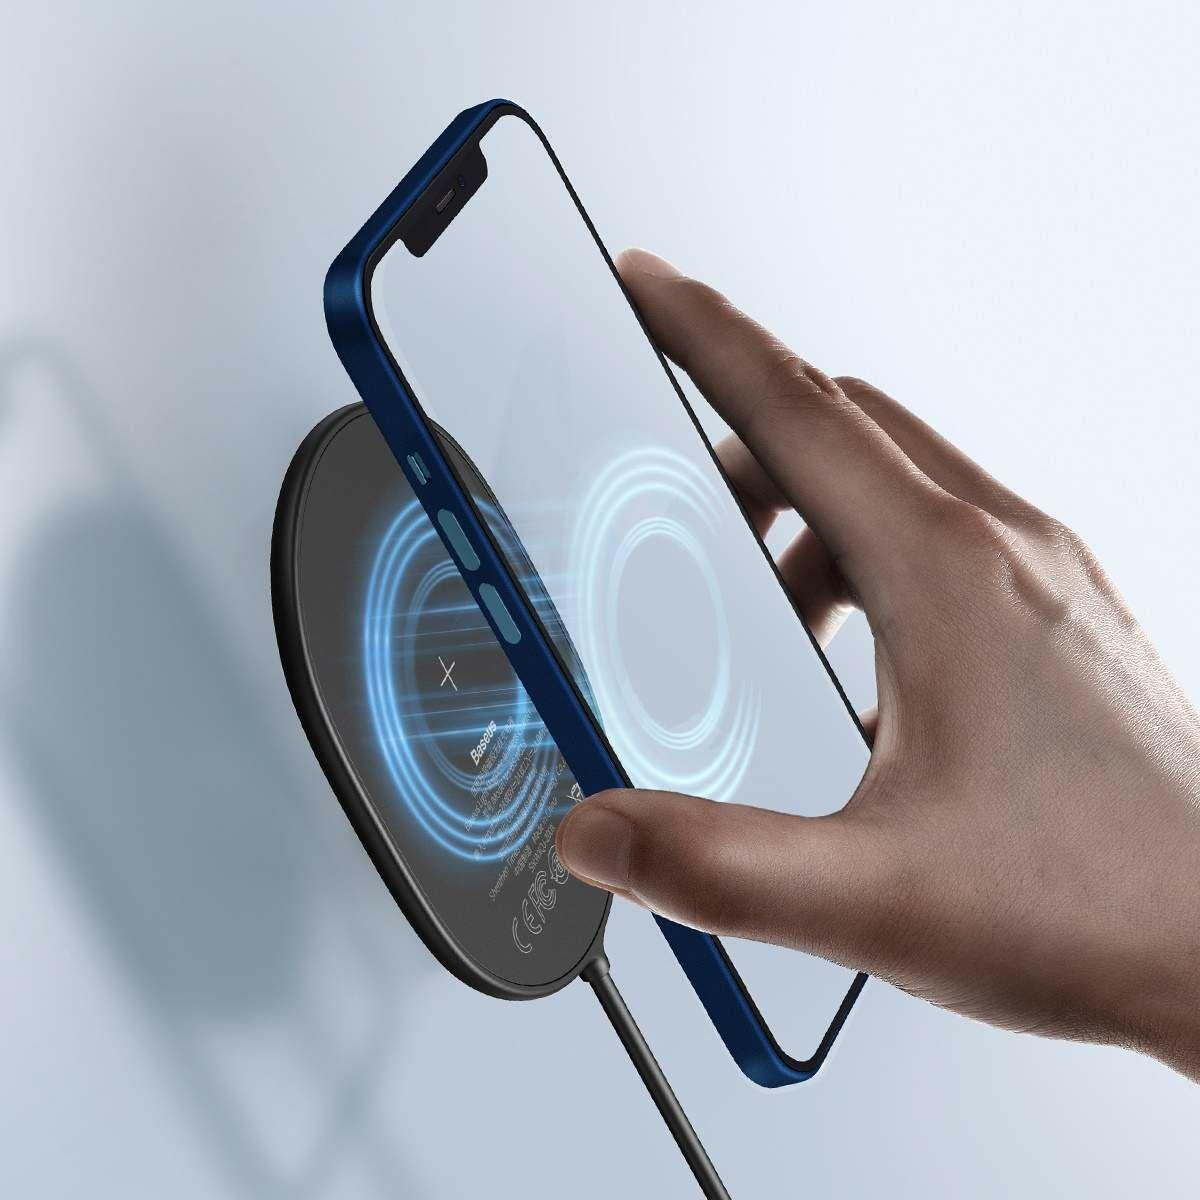 Baseus vezeték nélküli töltő, Light Magnetic, iPhone 12 modellhez (Type-C kábel 2A, 1.5m) 15W, fekete (WXQJ-01)